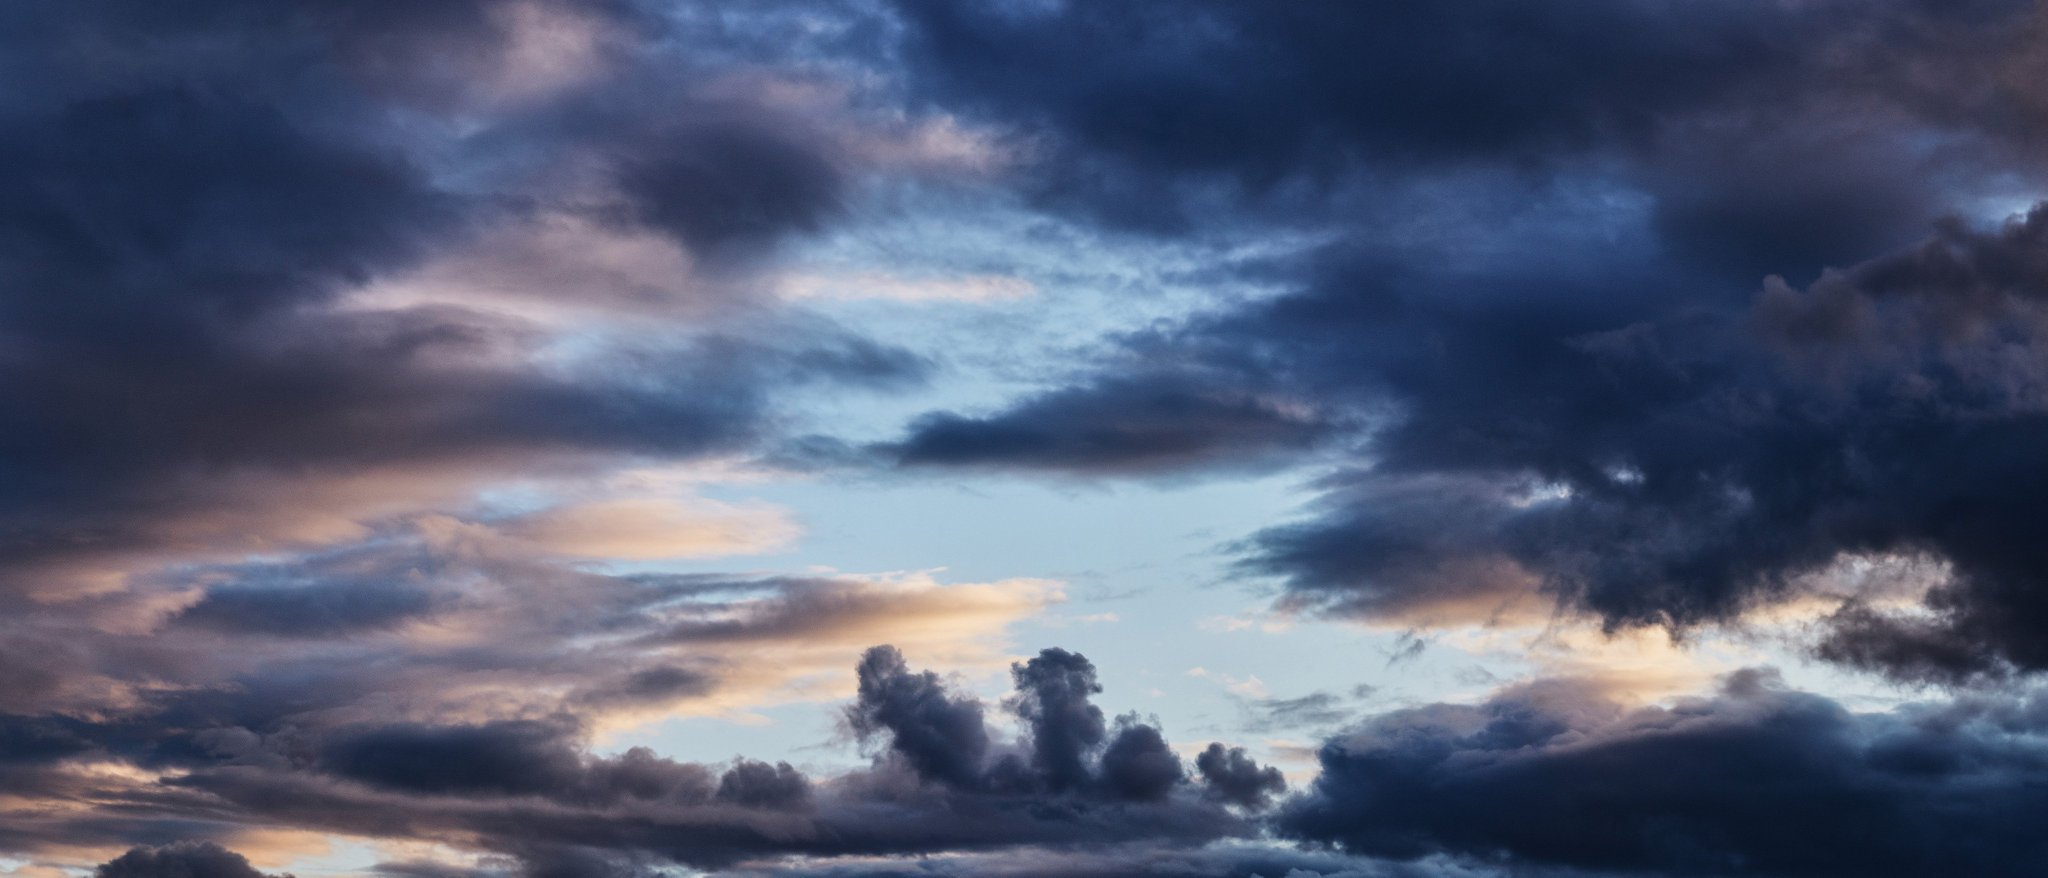 Панорамная фотография с закатными облаками